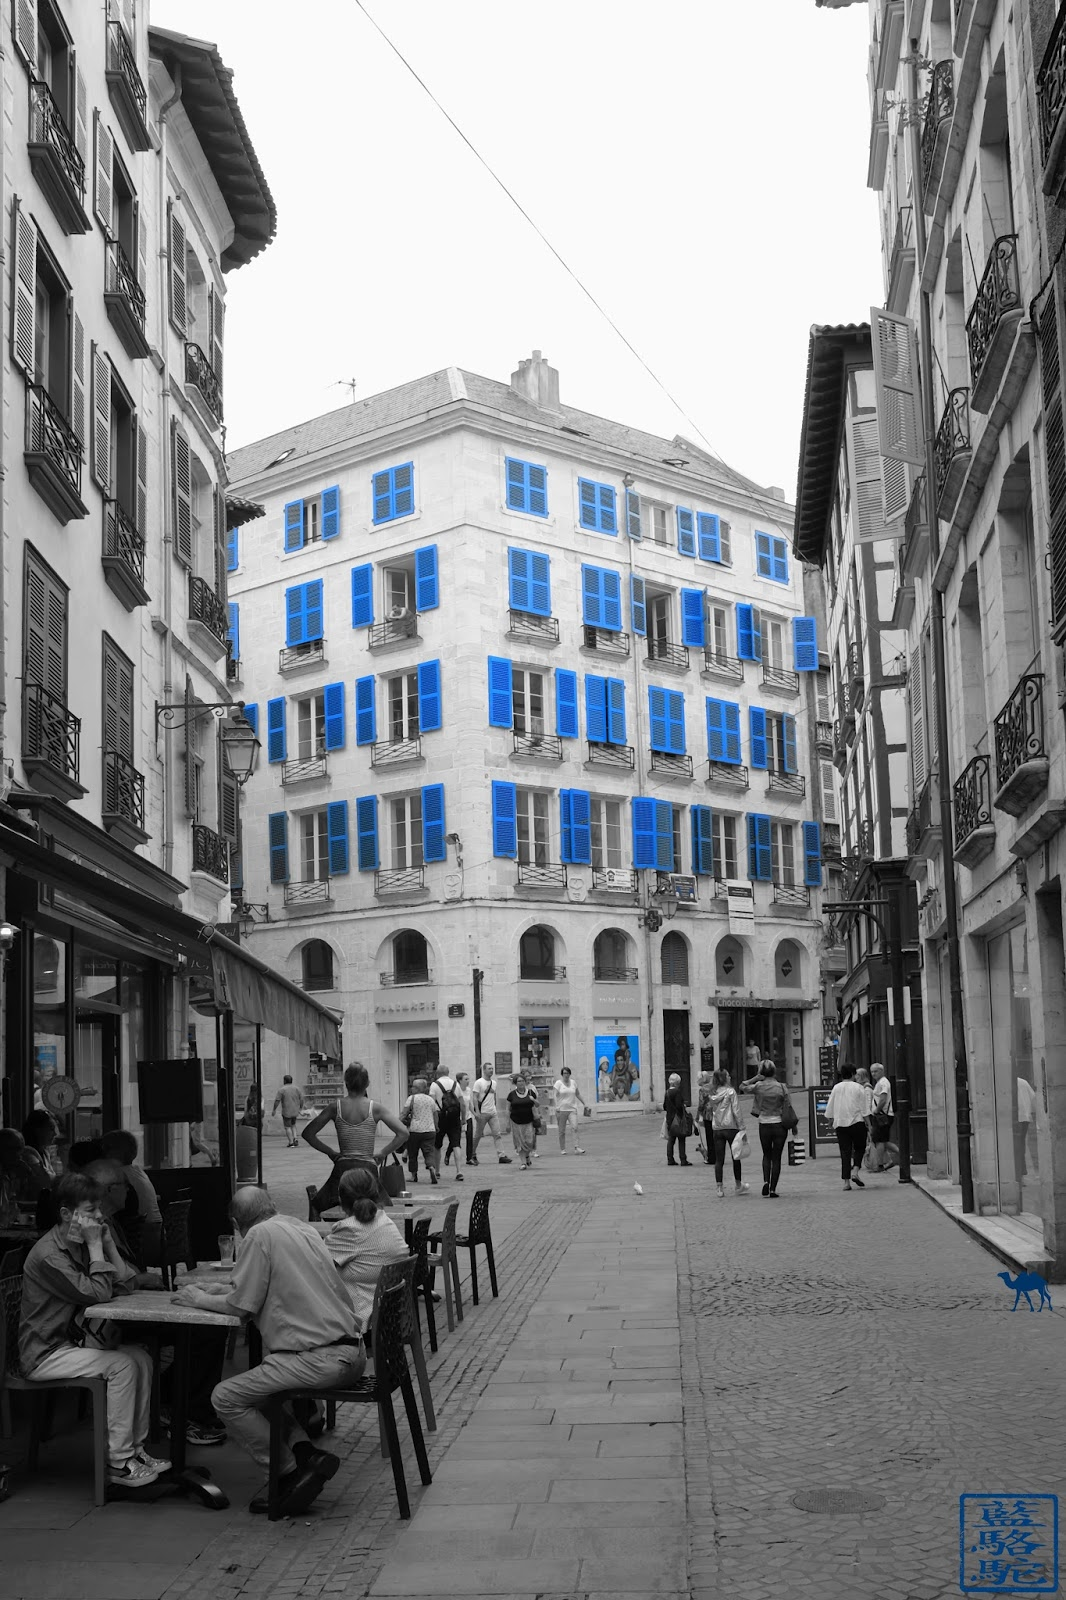 Le Chameau Bleu - Blog Voyage Bayonne France - Bayonne et sa baisse aux volets bleus